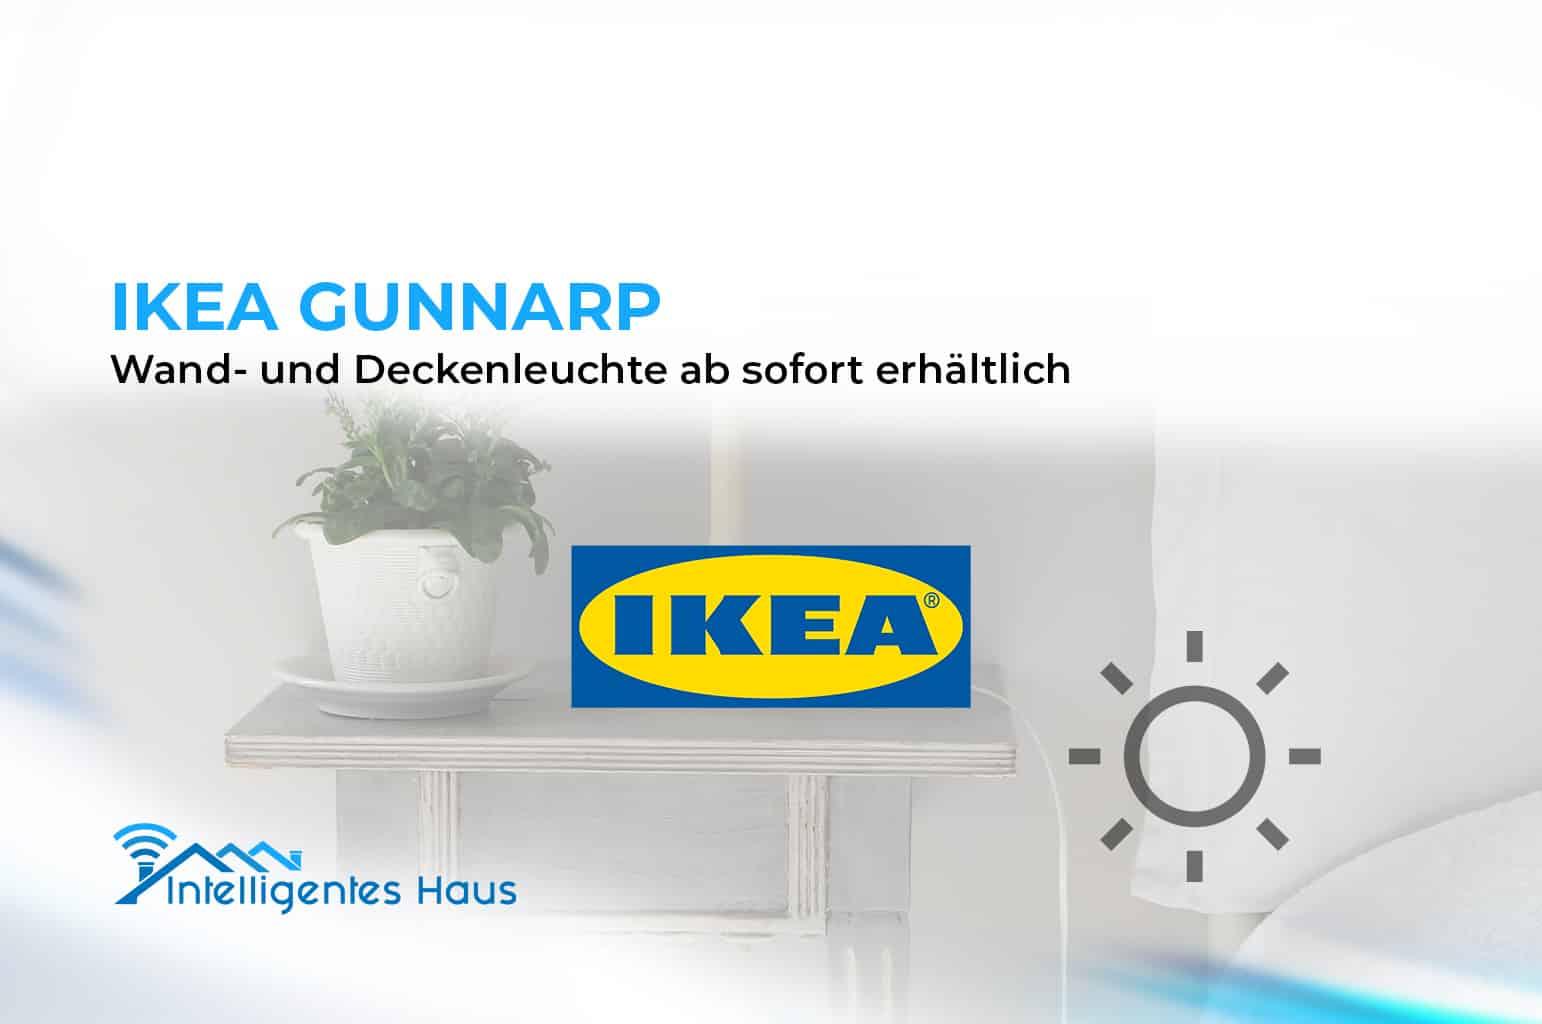 Full Size of Ikea Deckenleuchte Bad Papier Deckenleuchten Dimmbar Led Wand Und Gunnarp Von Verfgbar Küche Kosten Modulküche Badezimmer Wohnzimmer Sofa Mit Schlaffunktion Wohnzimmer Ikea Deckenleuchte